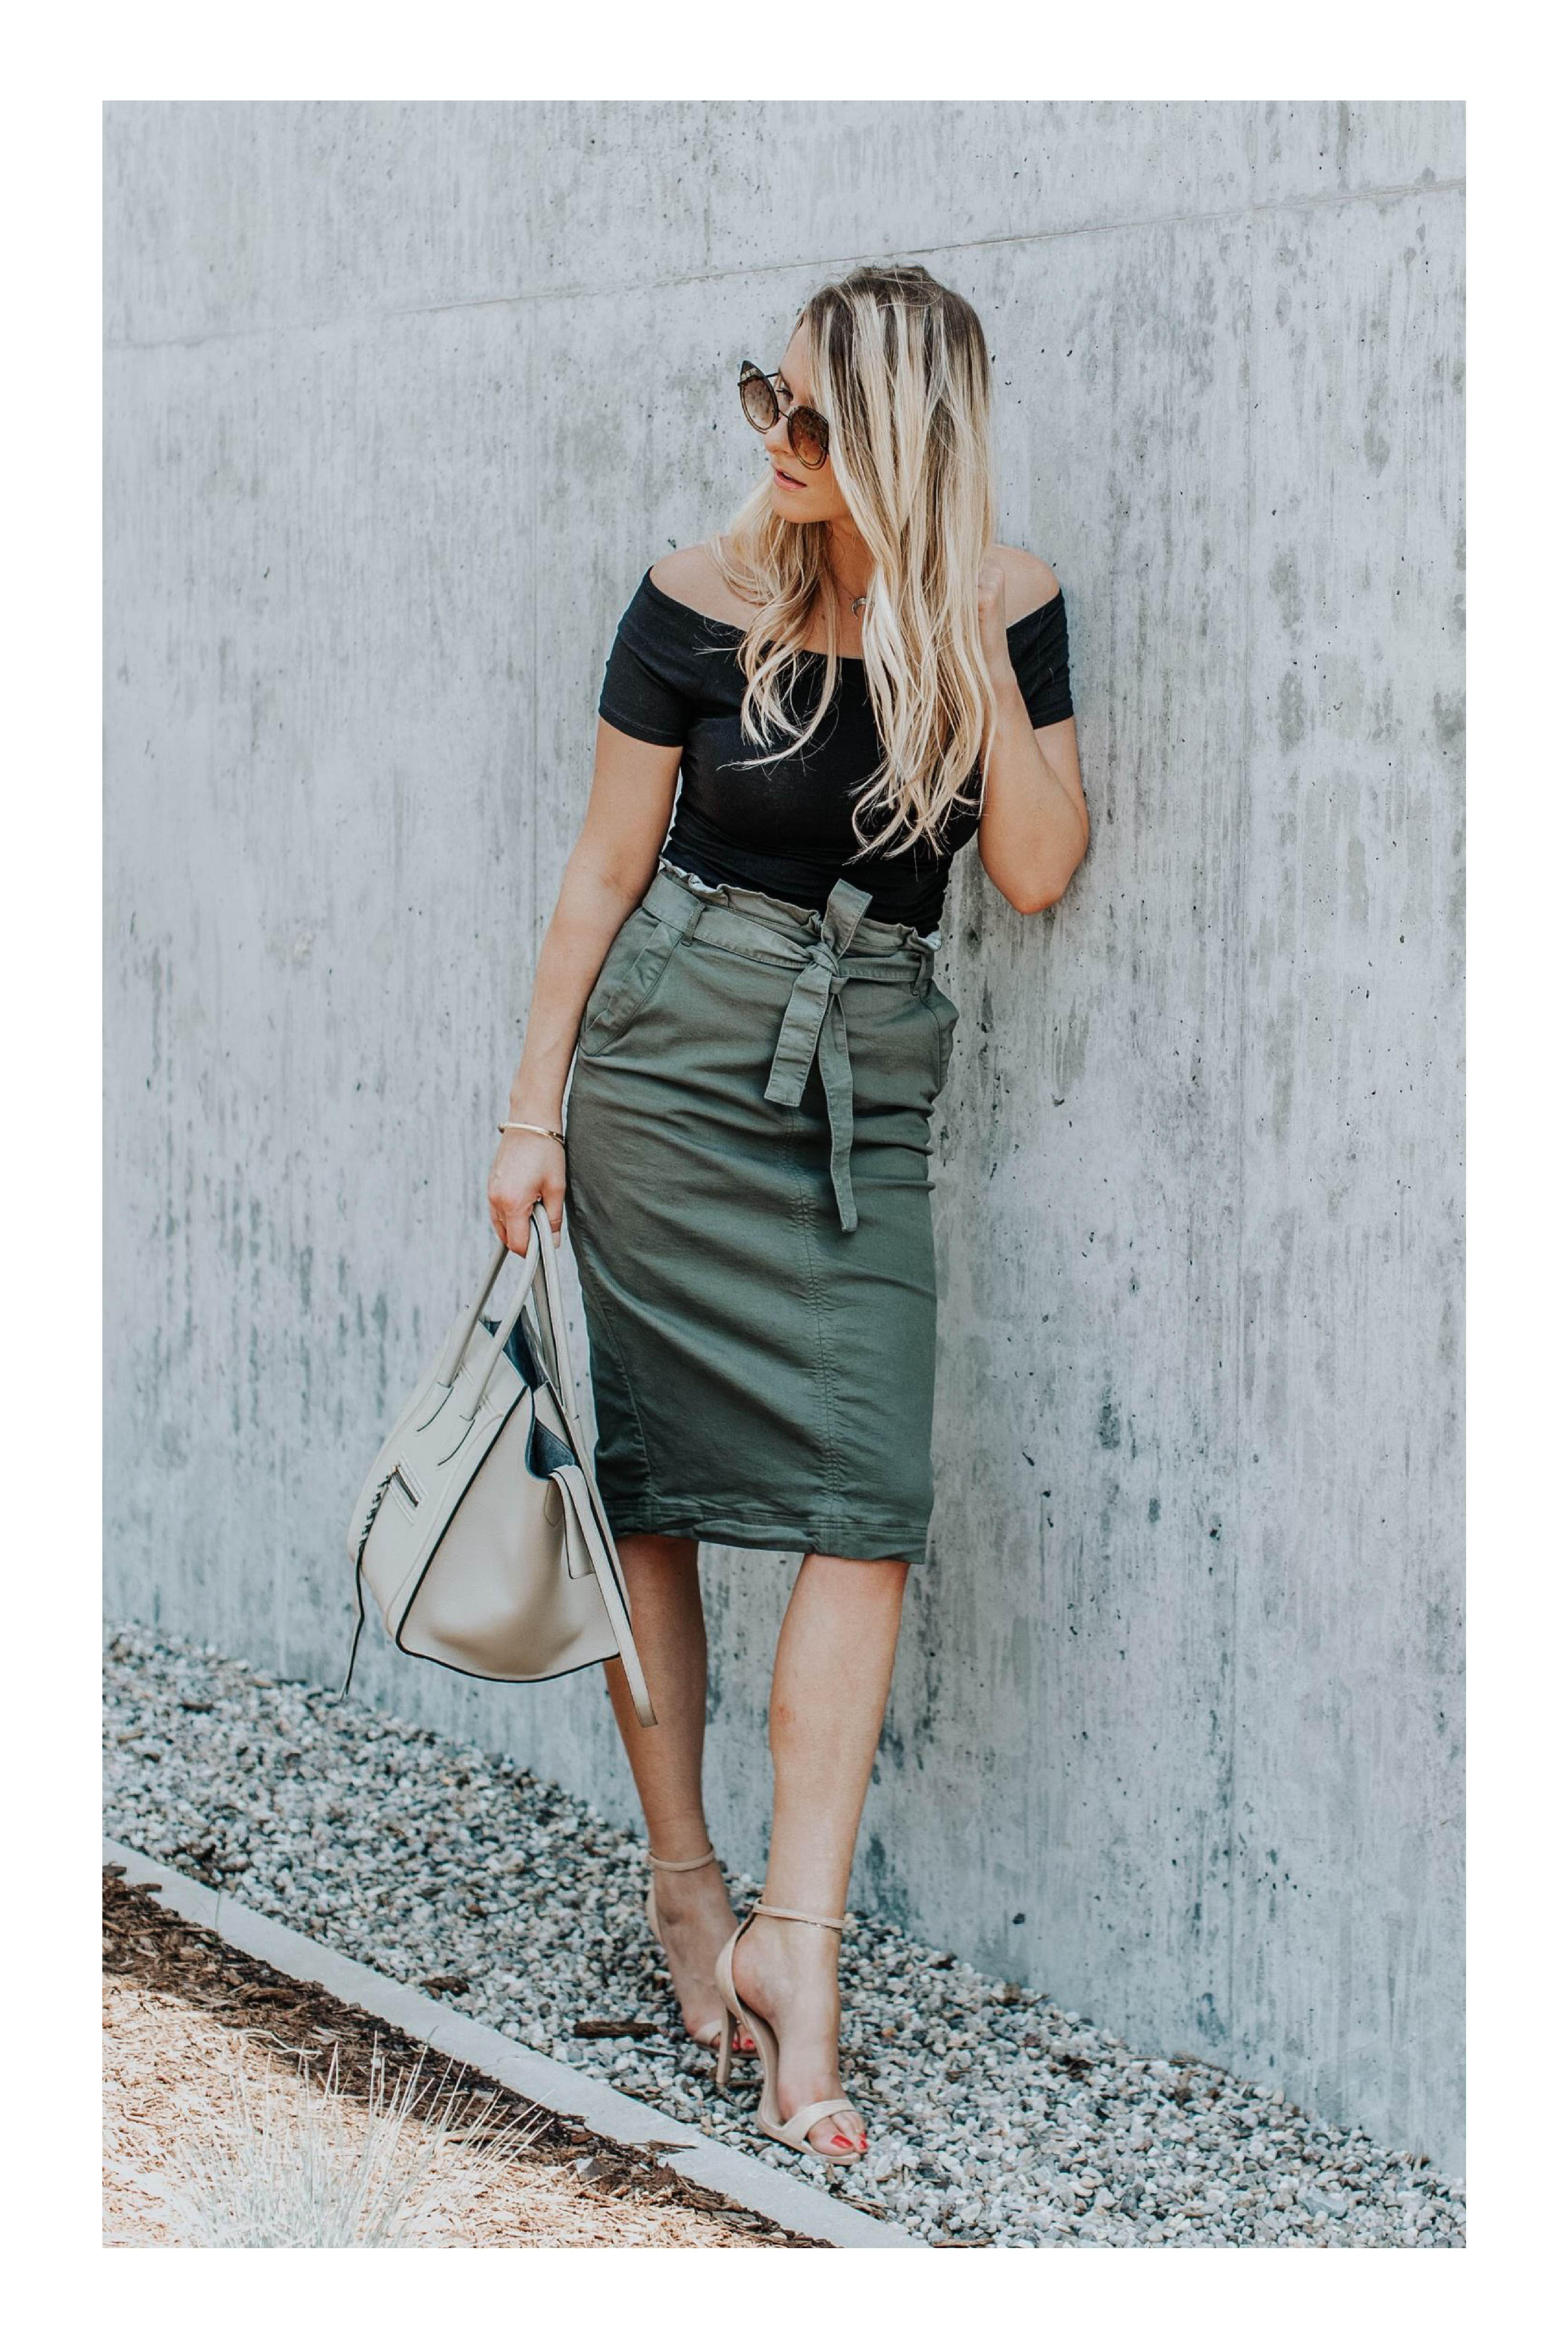 5 tipos de faldas que son imprescindibles en tu armario  TiZKKAmoda  falda   paperbag  verde  blusa  negra  offshoulder  zapatillas  bolsa  lentes  look d5094572f444